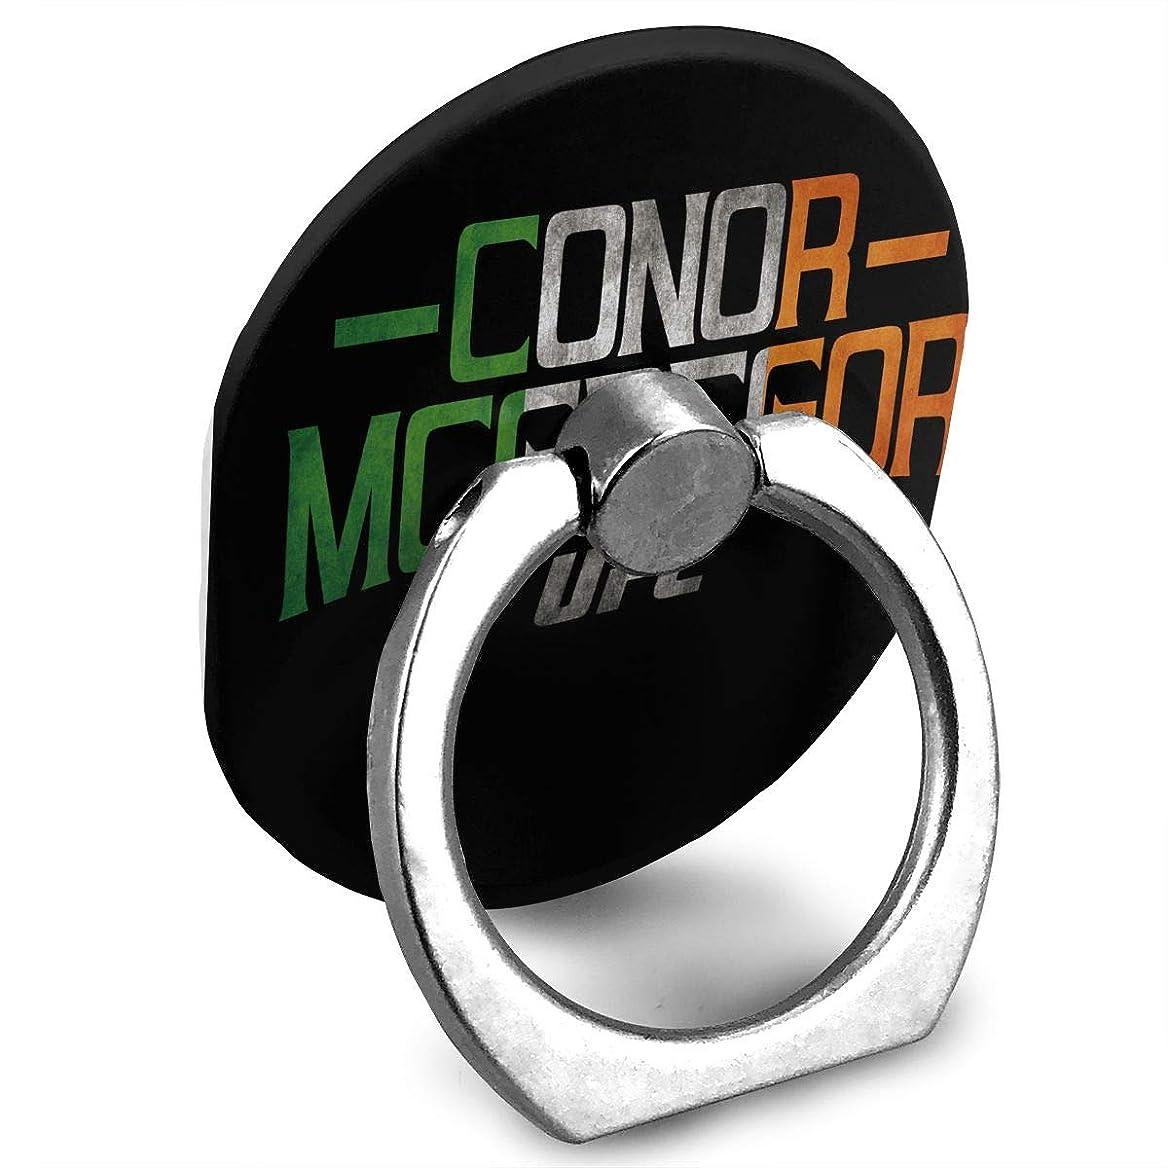 はさみ長々と既婚プリント スマホリング ホールド リング 楕円 指輪リング 薄型 おしゃれ 落下防止 360° ホルダー 強吸着力 IPhone/Android各種他対応